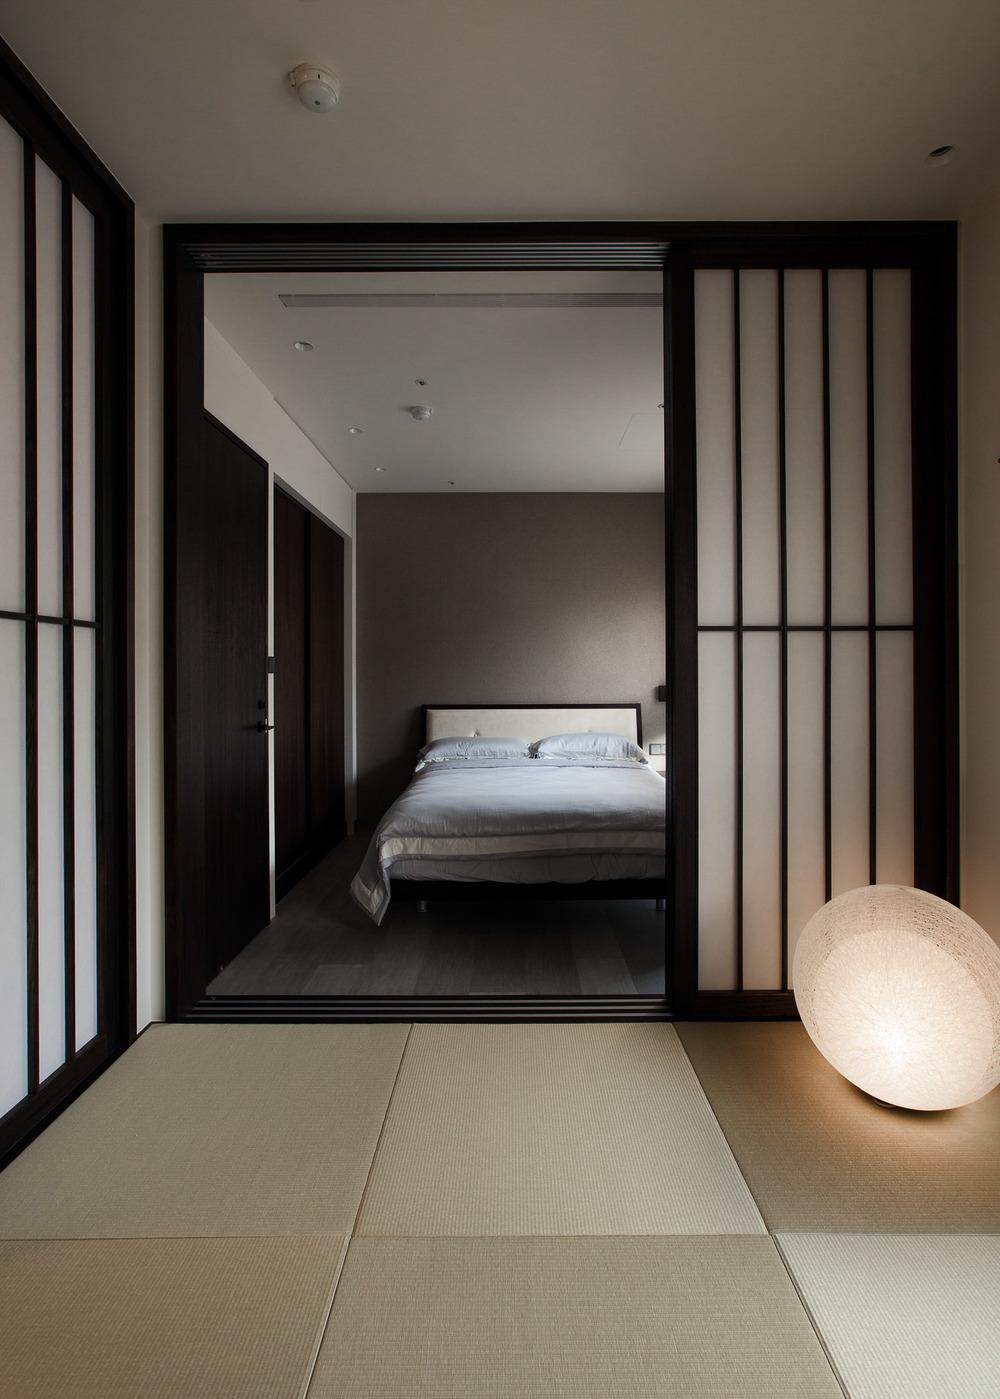 Interior-097.jpg